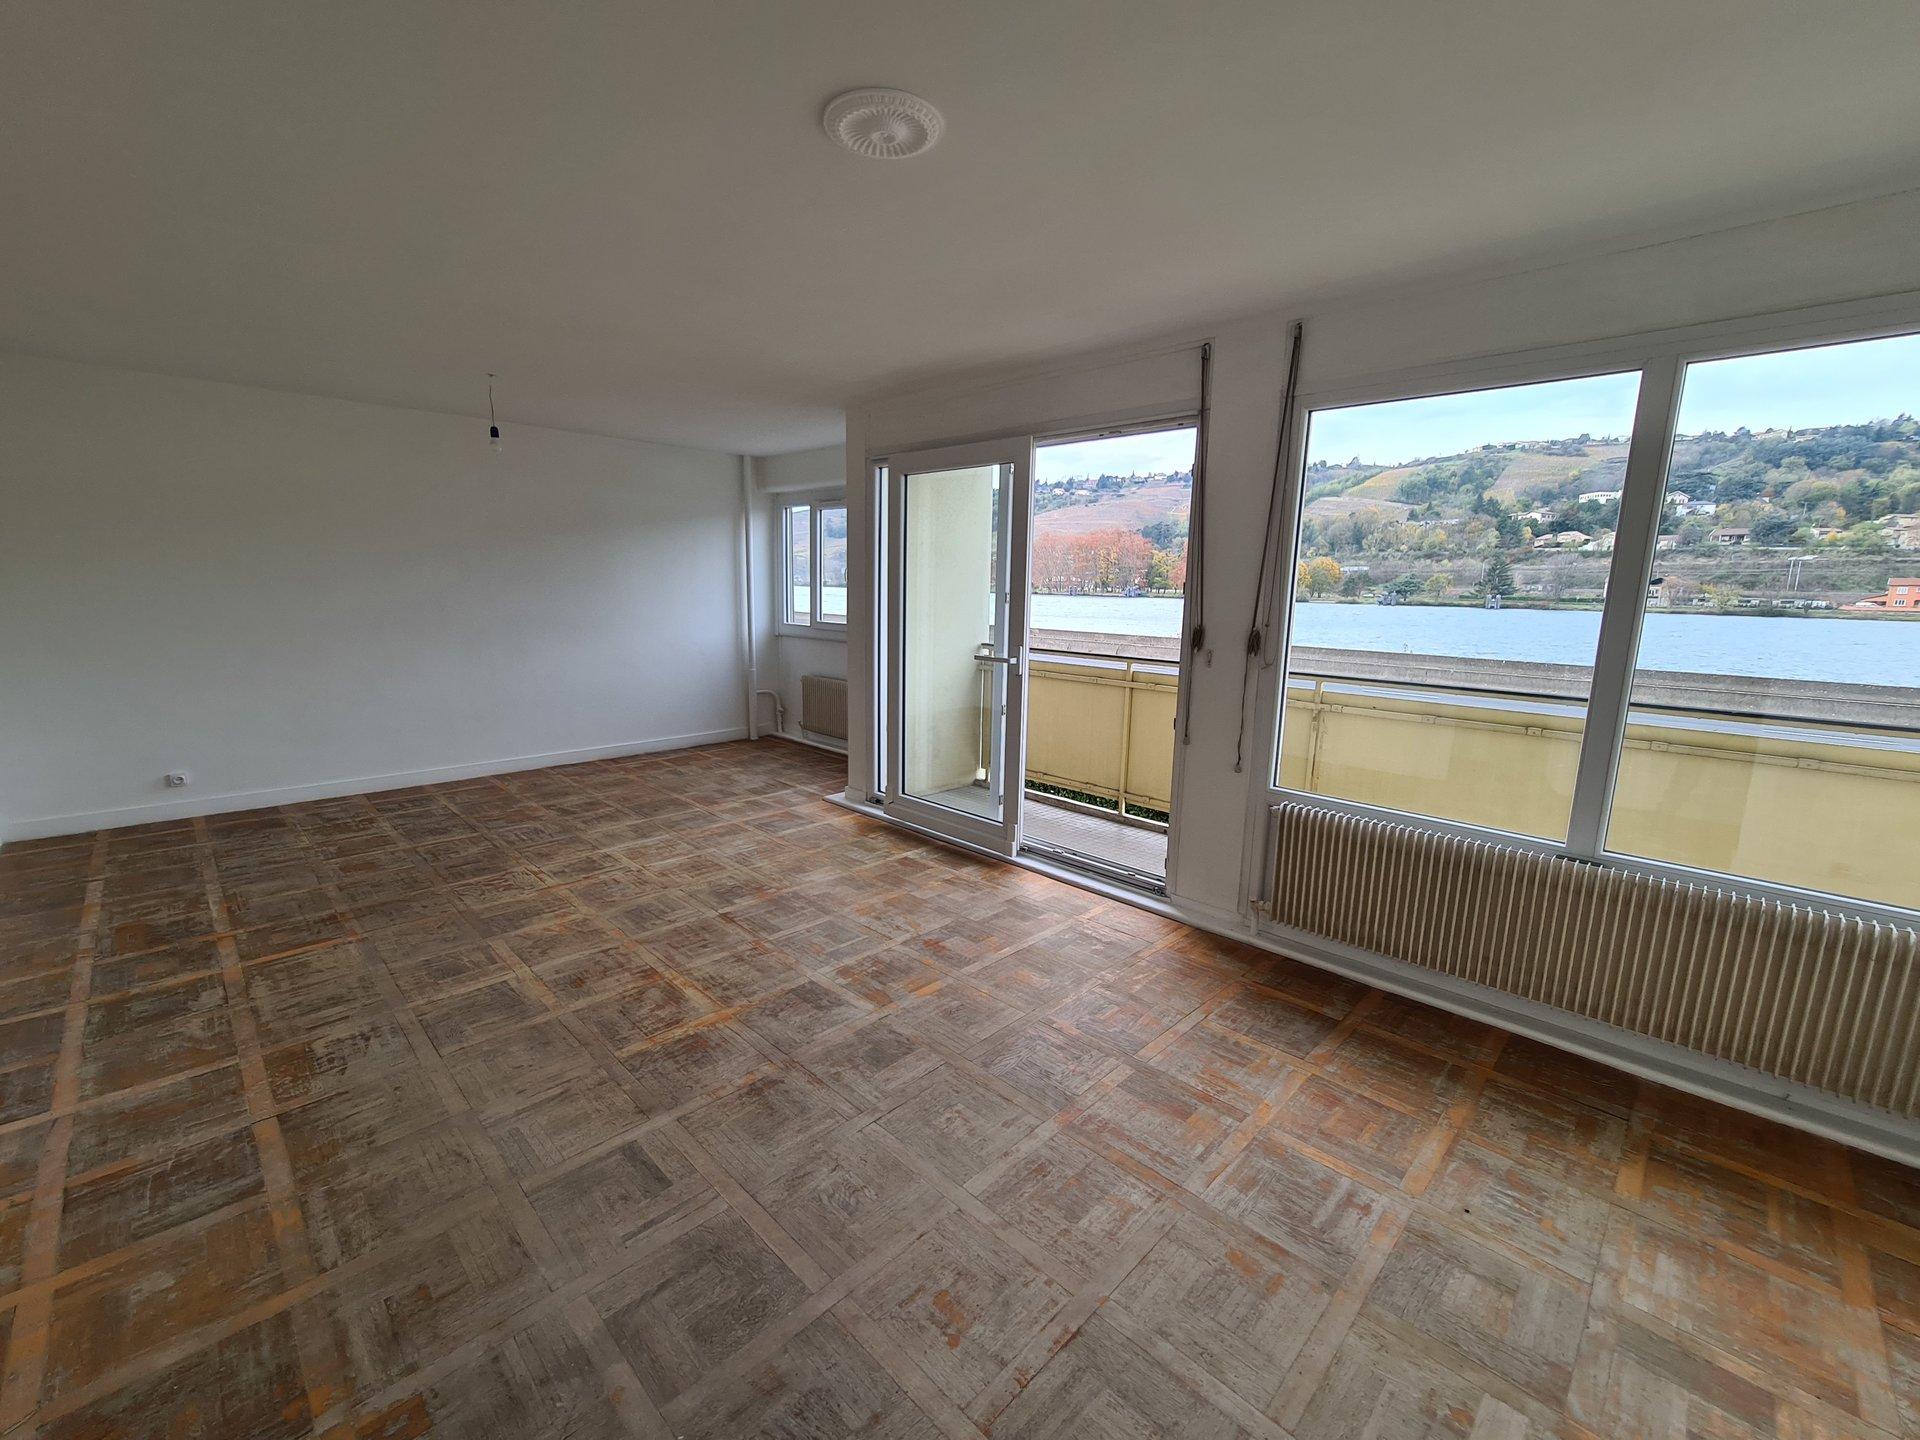 VIENNE Sud, appartement T4 de 71, 74m² avec cave et 2 balcons